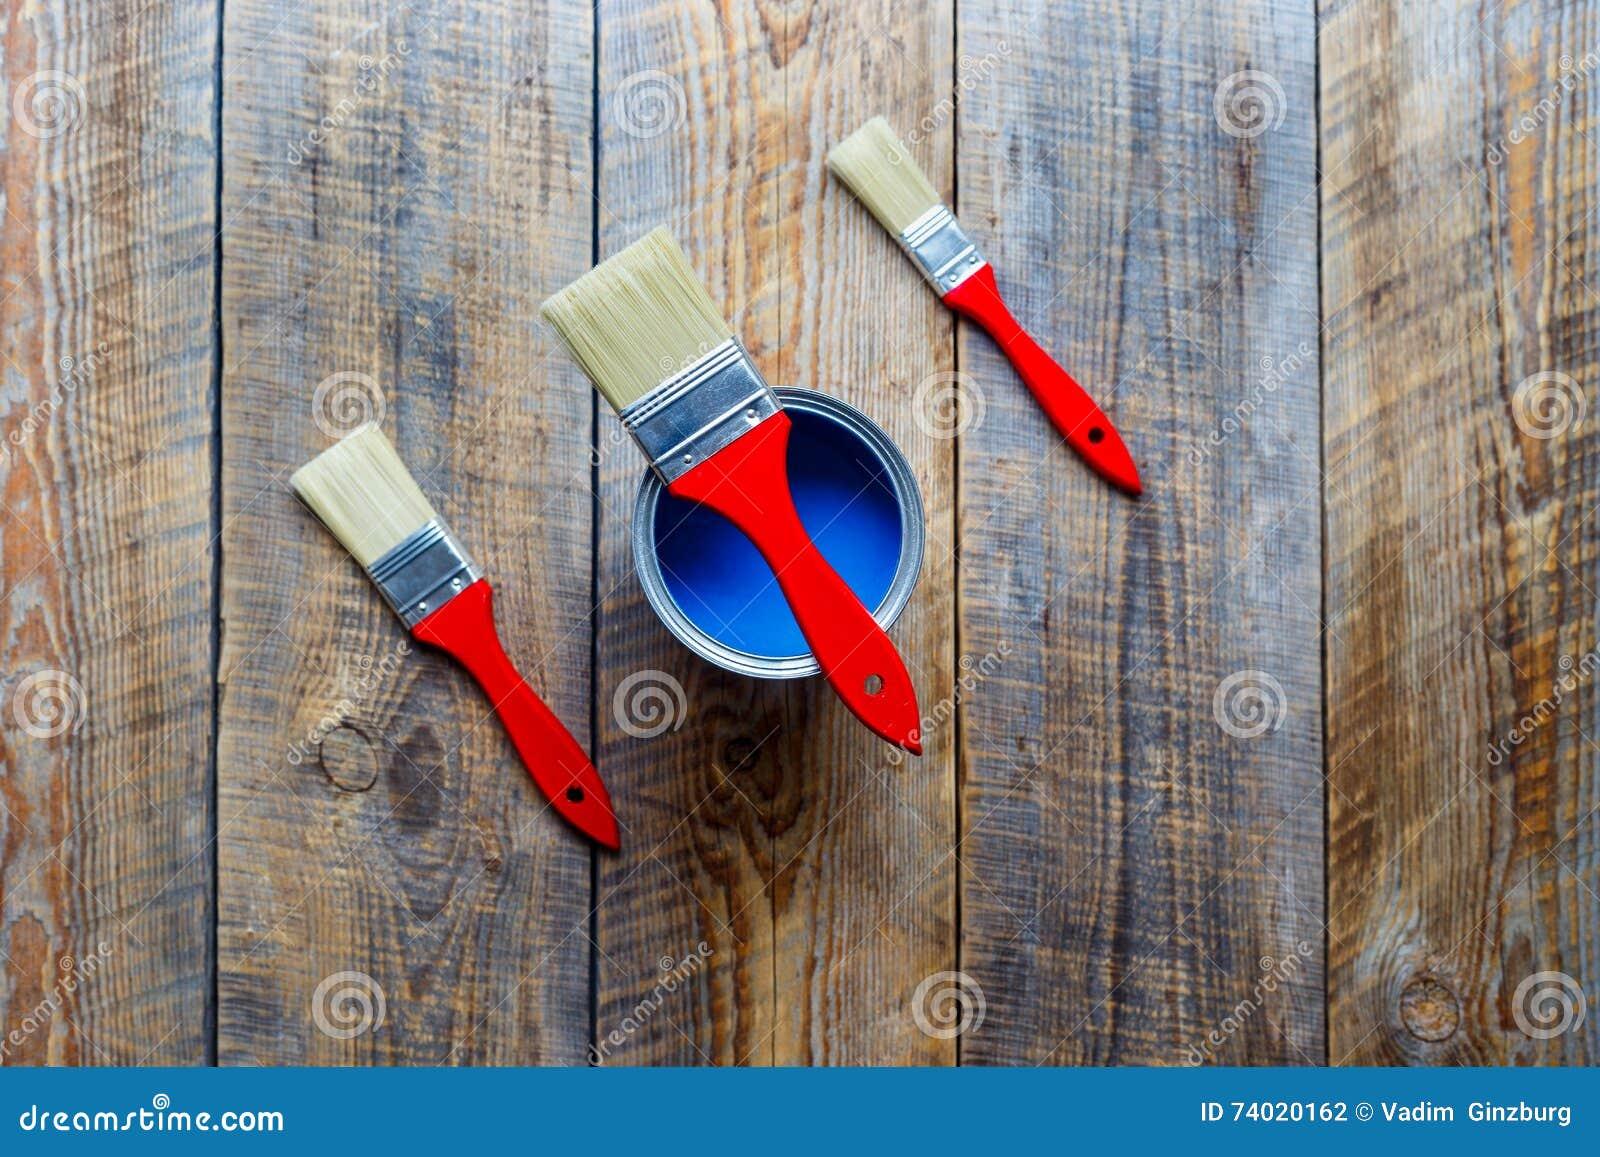 Preparazione per la verniciatura del pavimento di legno a casa con ...